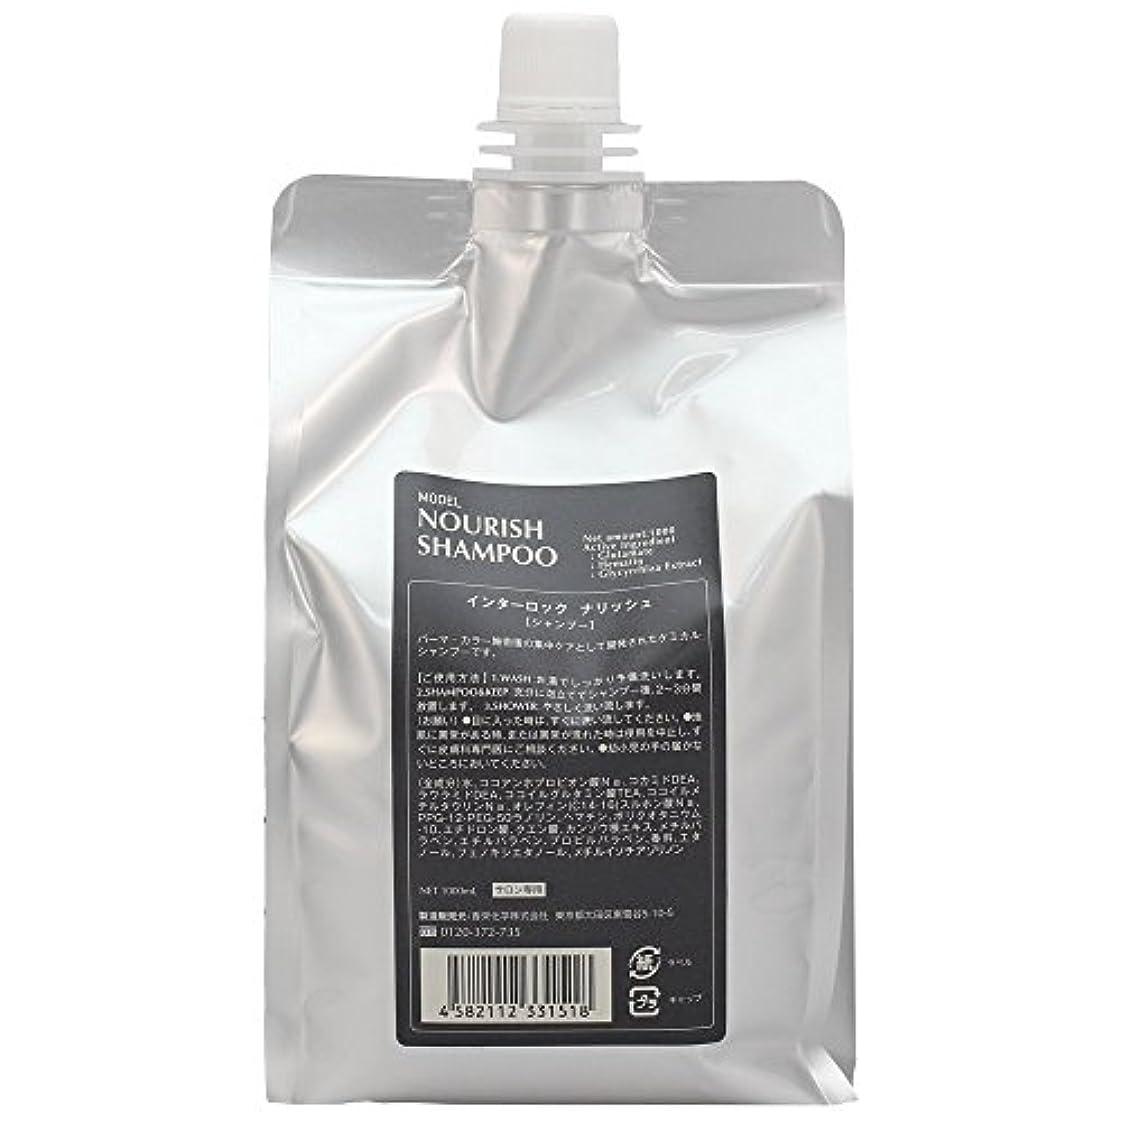 デンマーク斧気になる香栄化学 ナリッシュシャンプー レフィル 1000ml